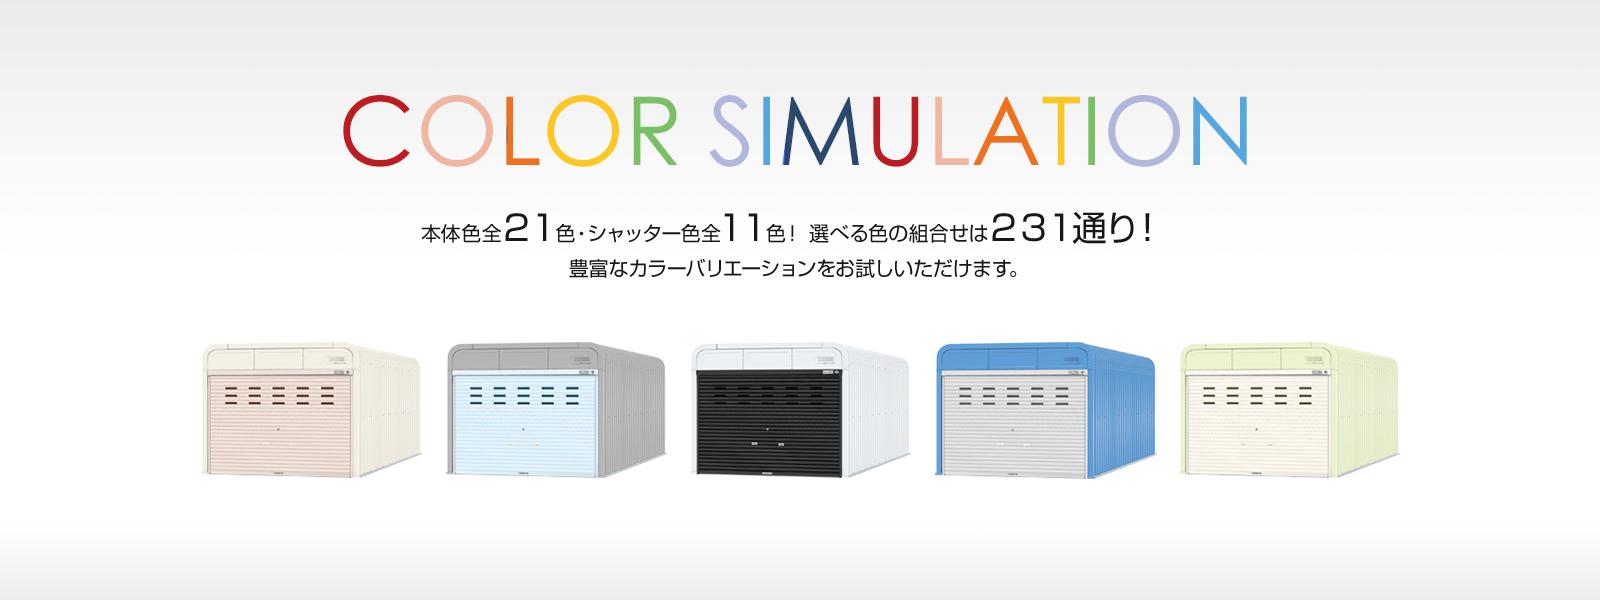 COLOR SIMULATION 豊富なカラーバリエーションをお試しいただけます。